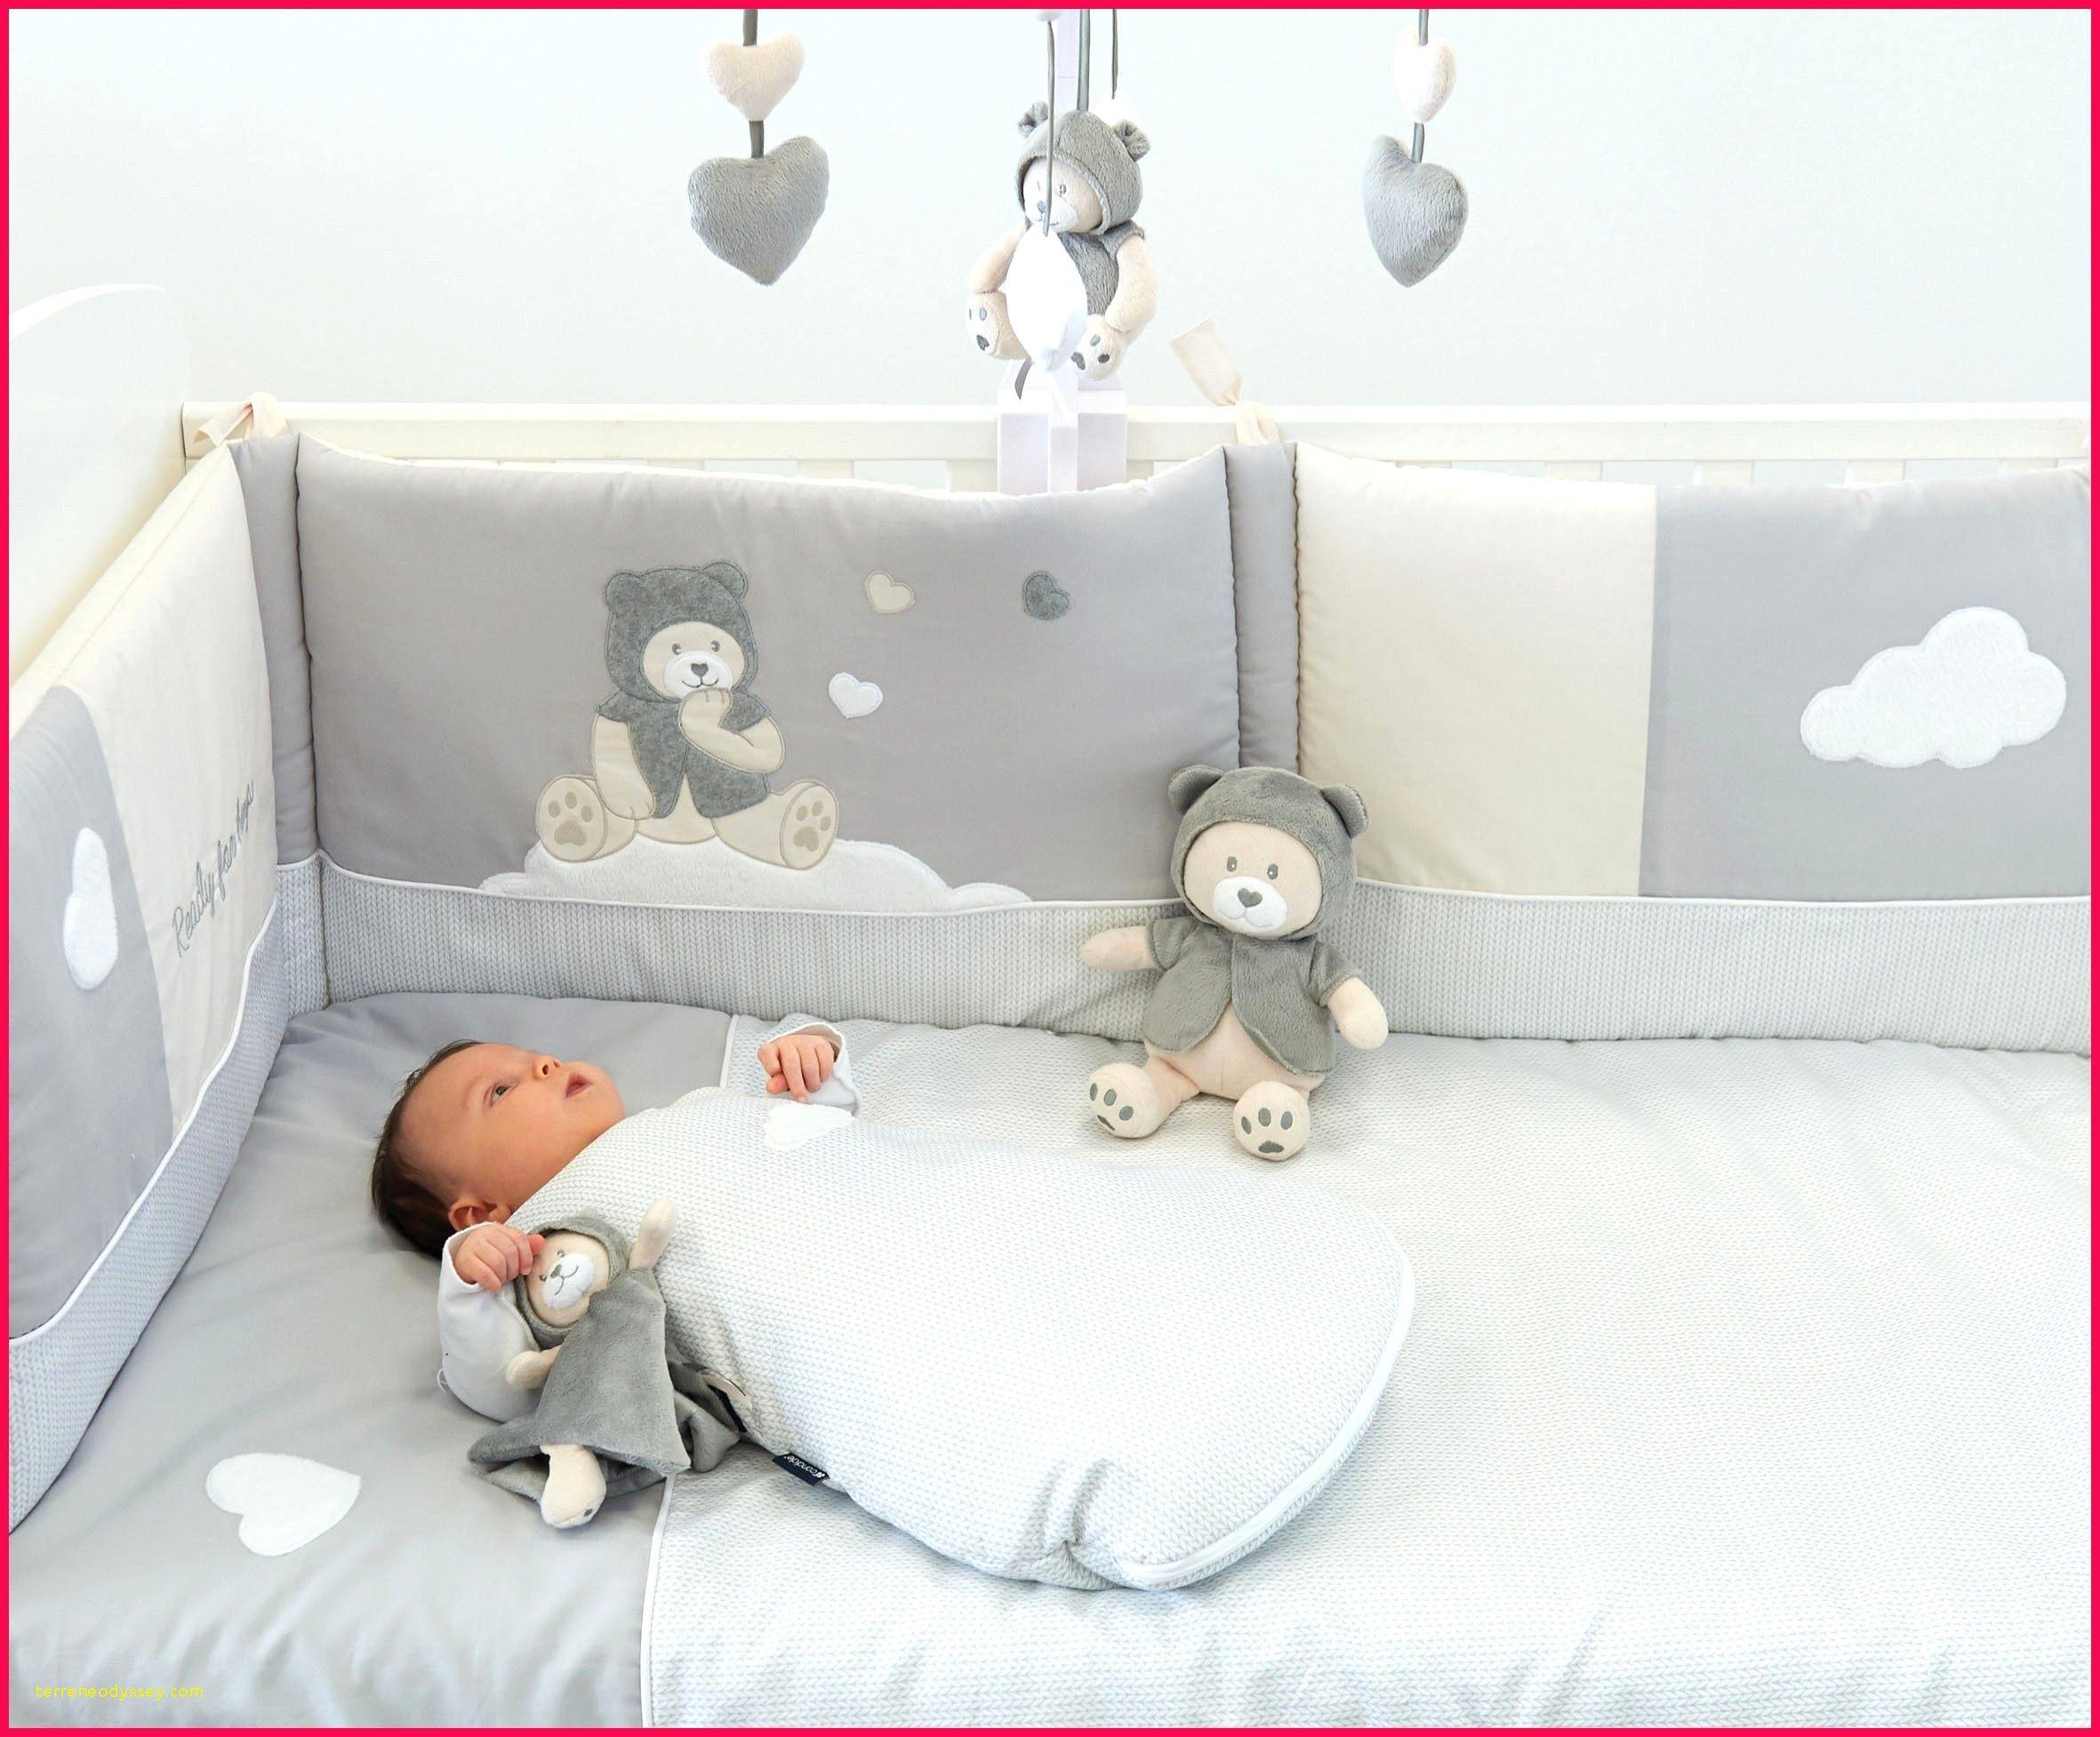 Lit Simple Enfant Agréable Résultat Supérieur Lit Pour Enfant Incroyable Lit Pour Bebe Charmant